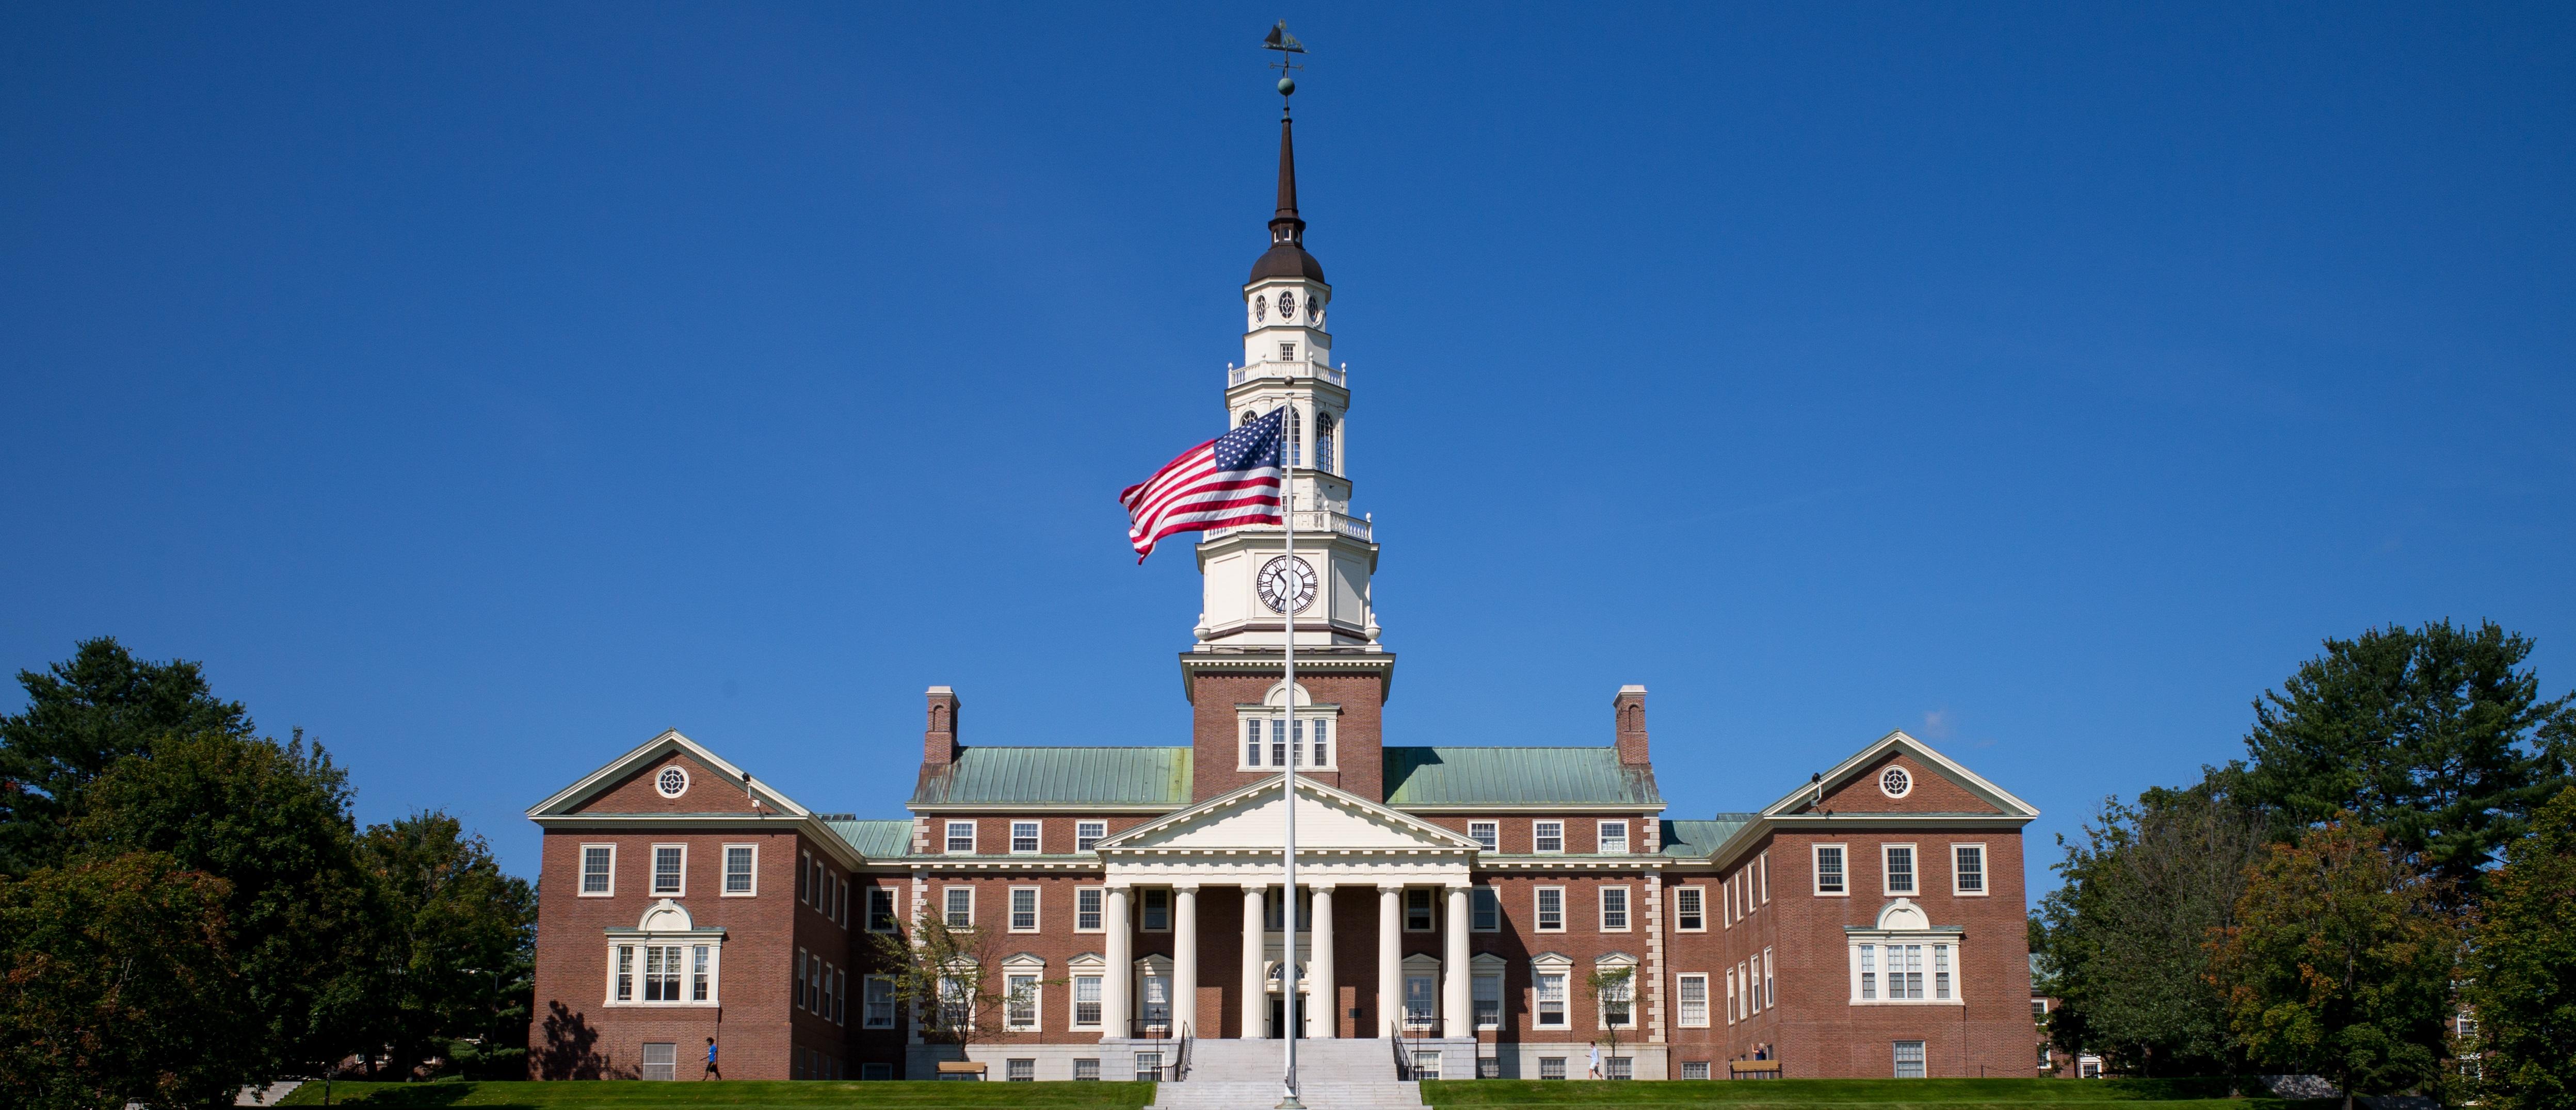 Estudar nos EUA: diferenças entre universidades públicas e privadas